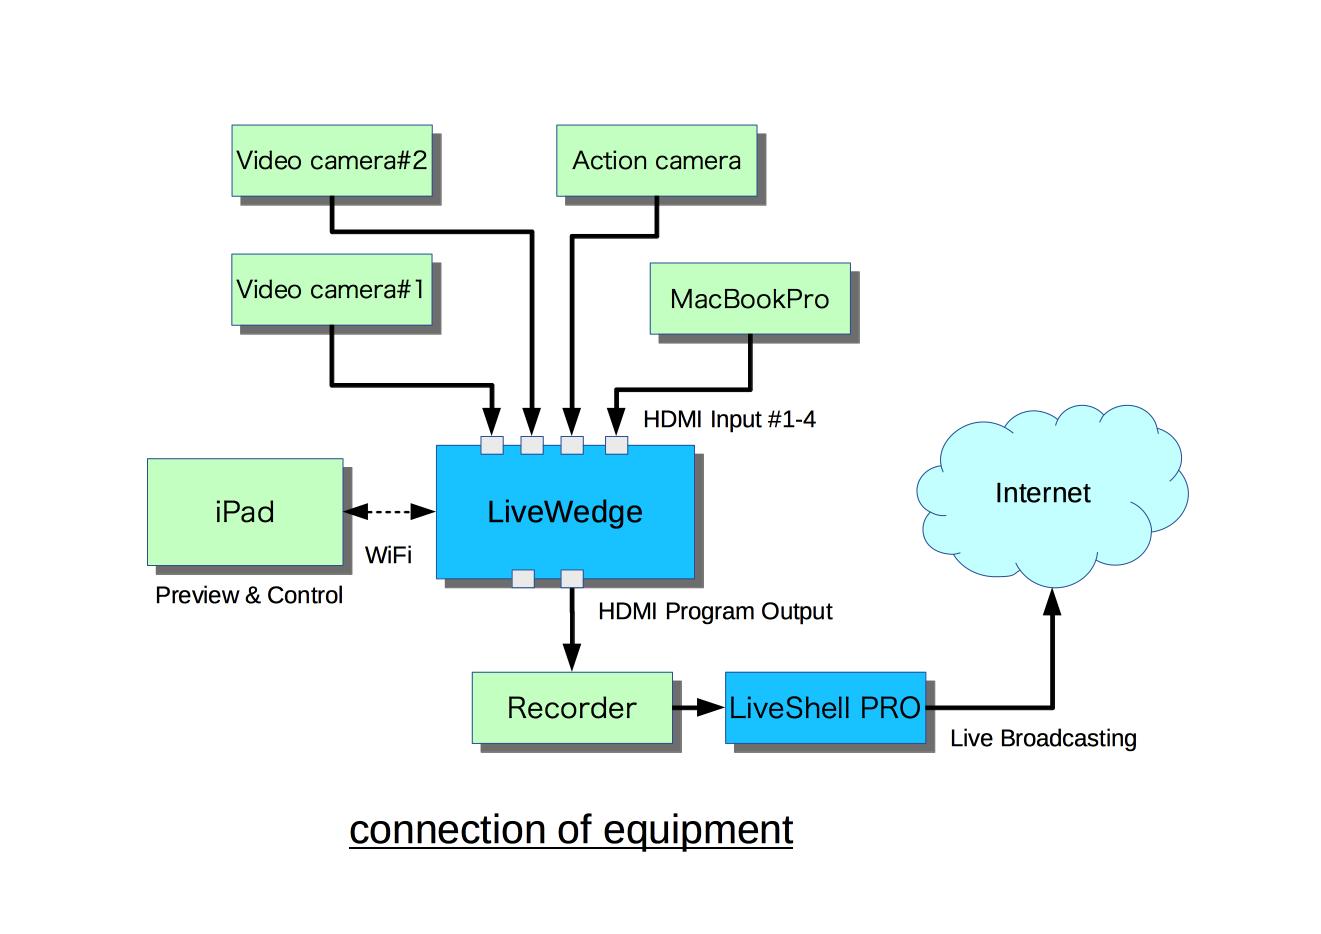 機材接続図